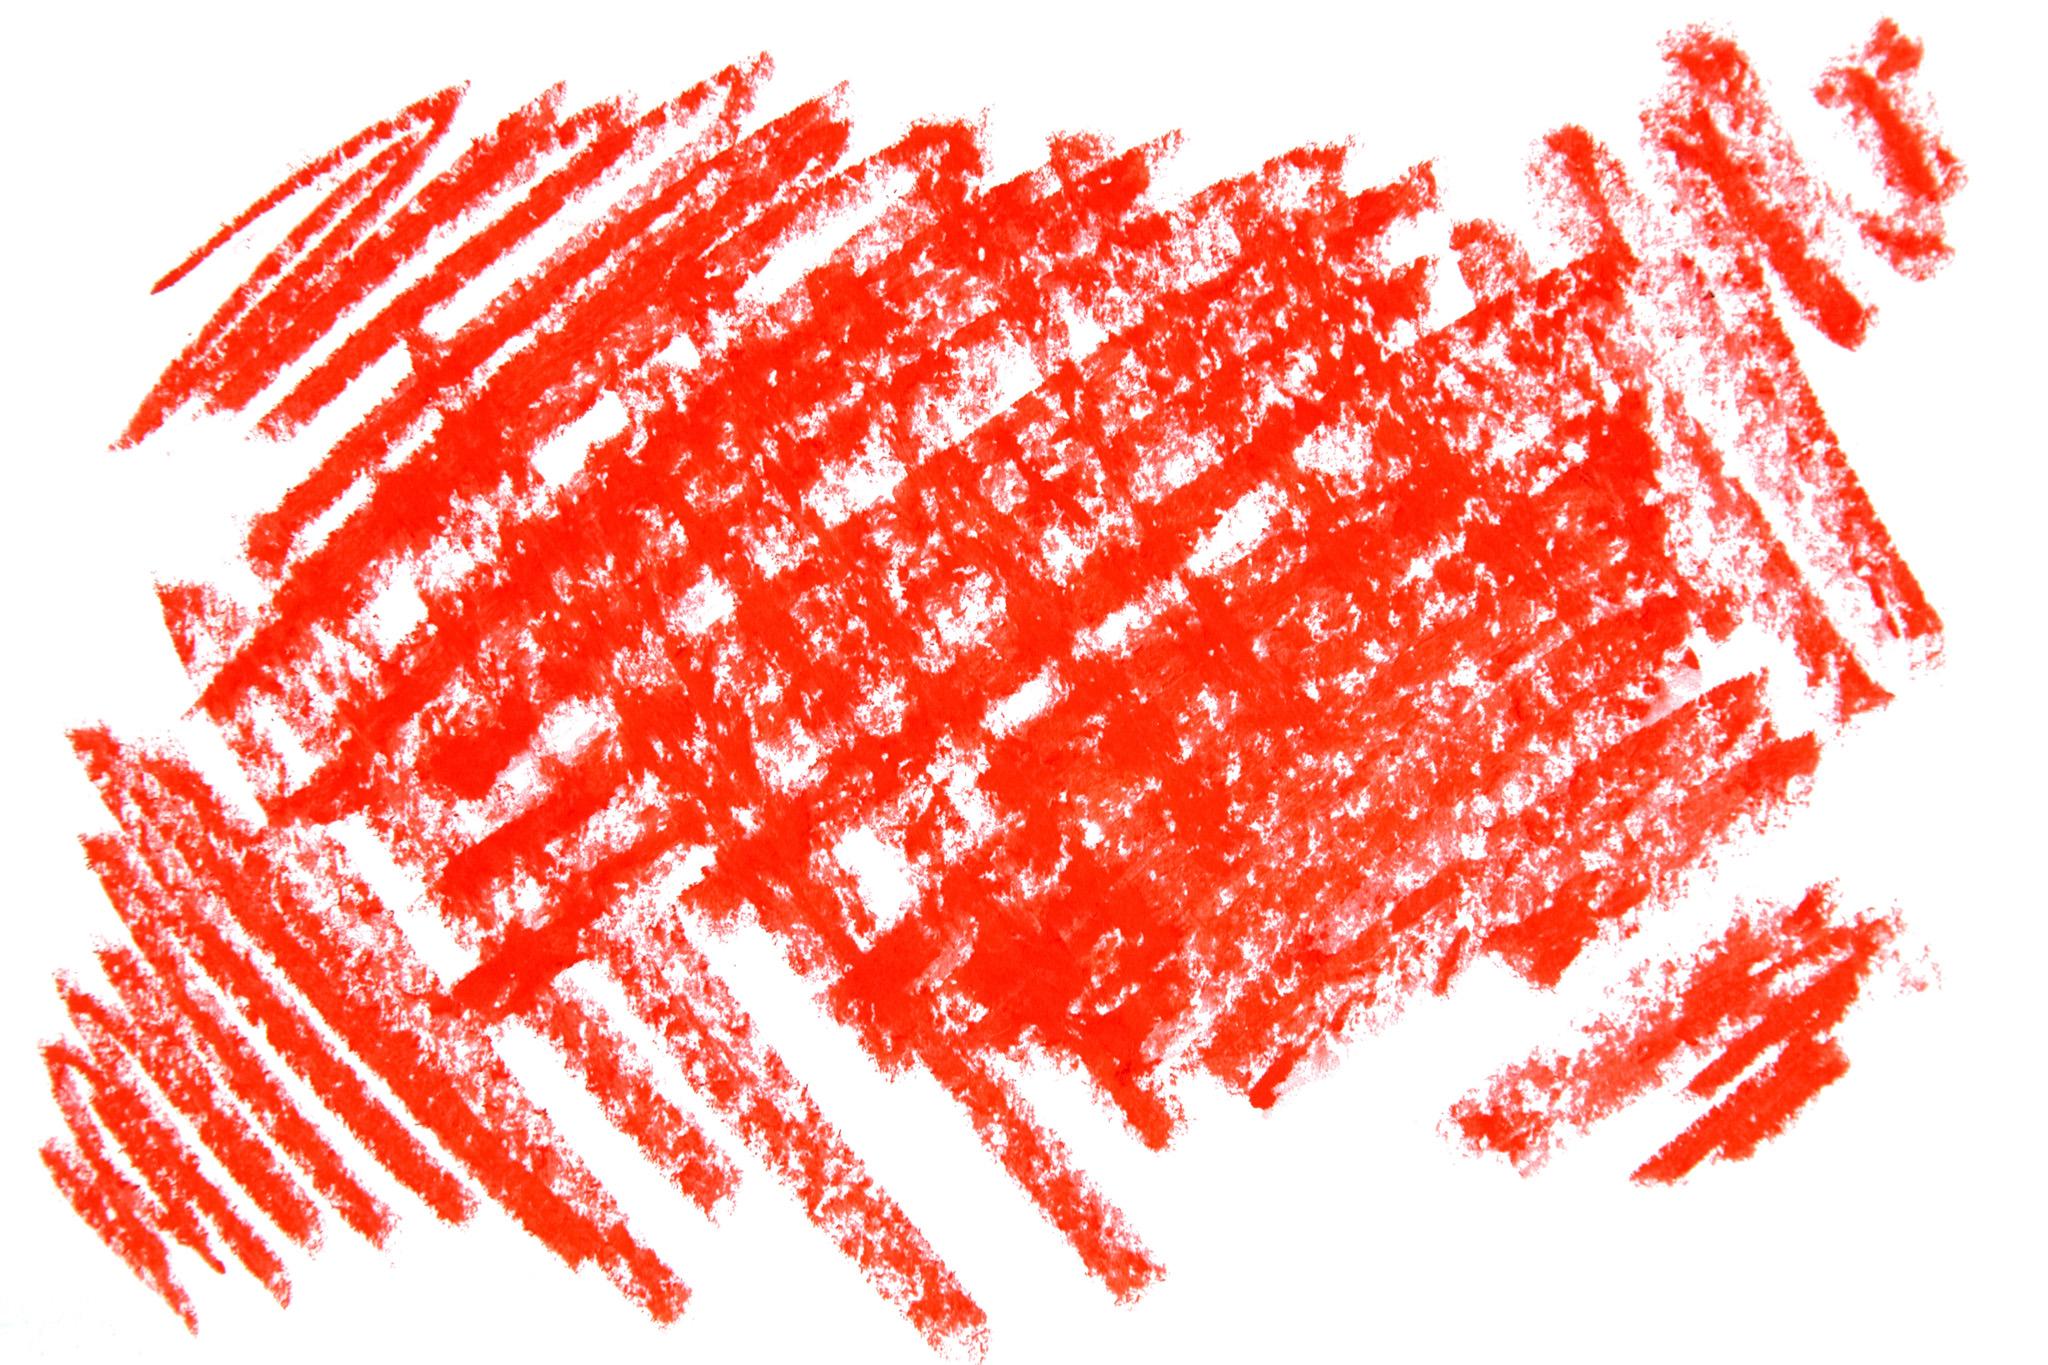 「赤色のクレヨンのテクスチャ」